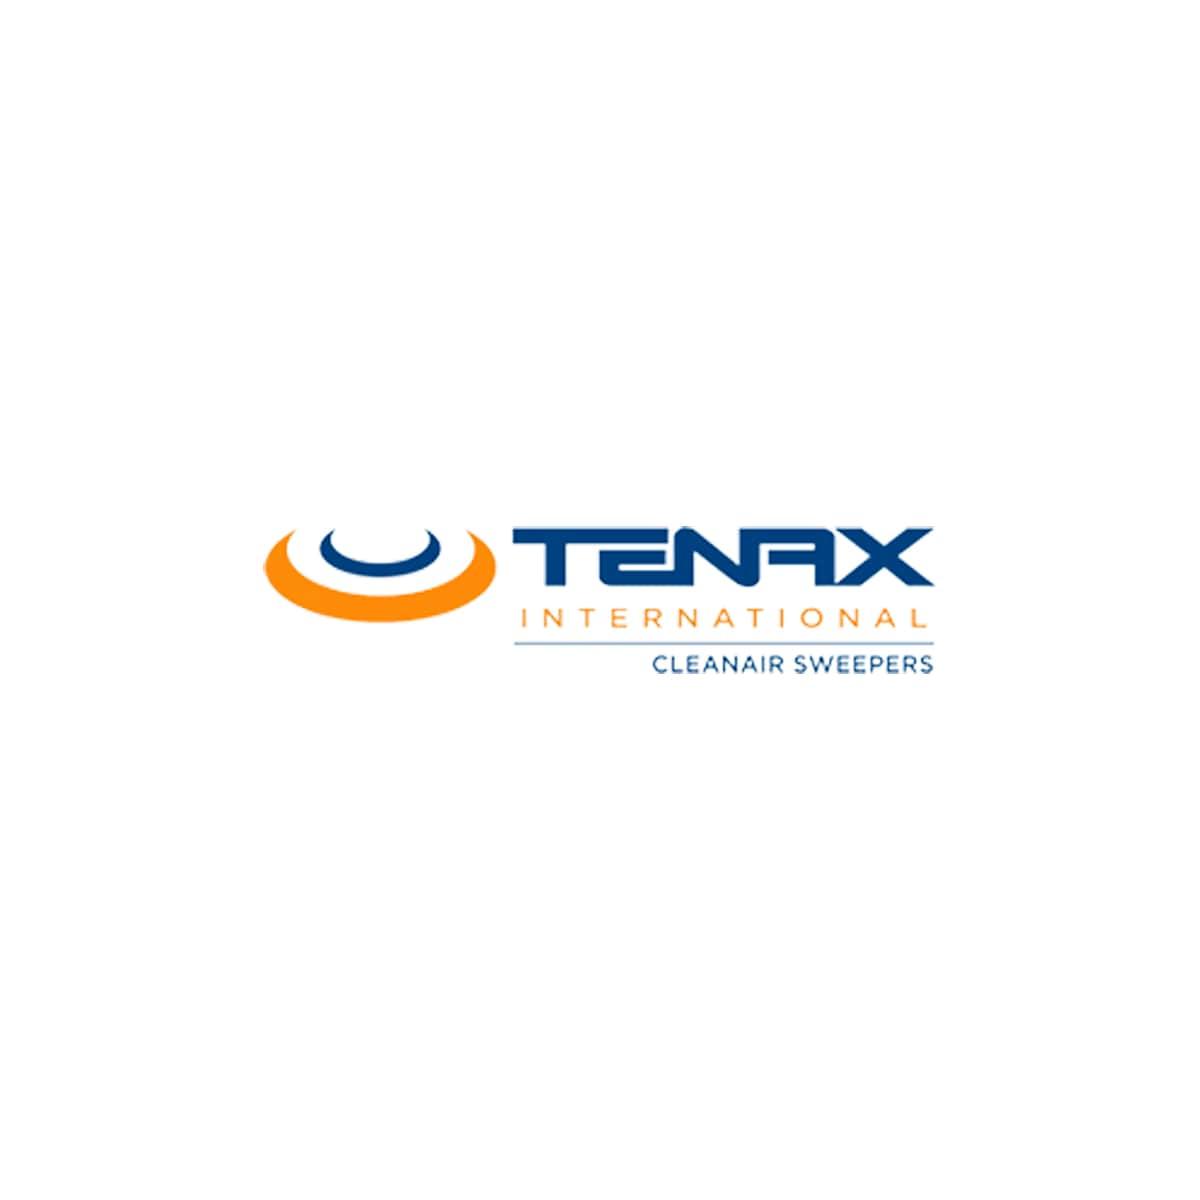 tenax-international